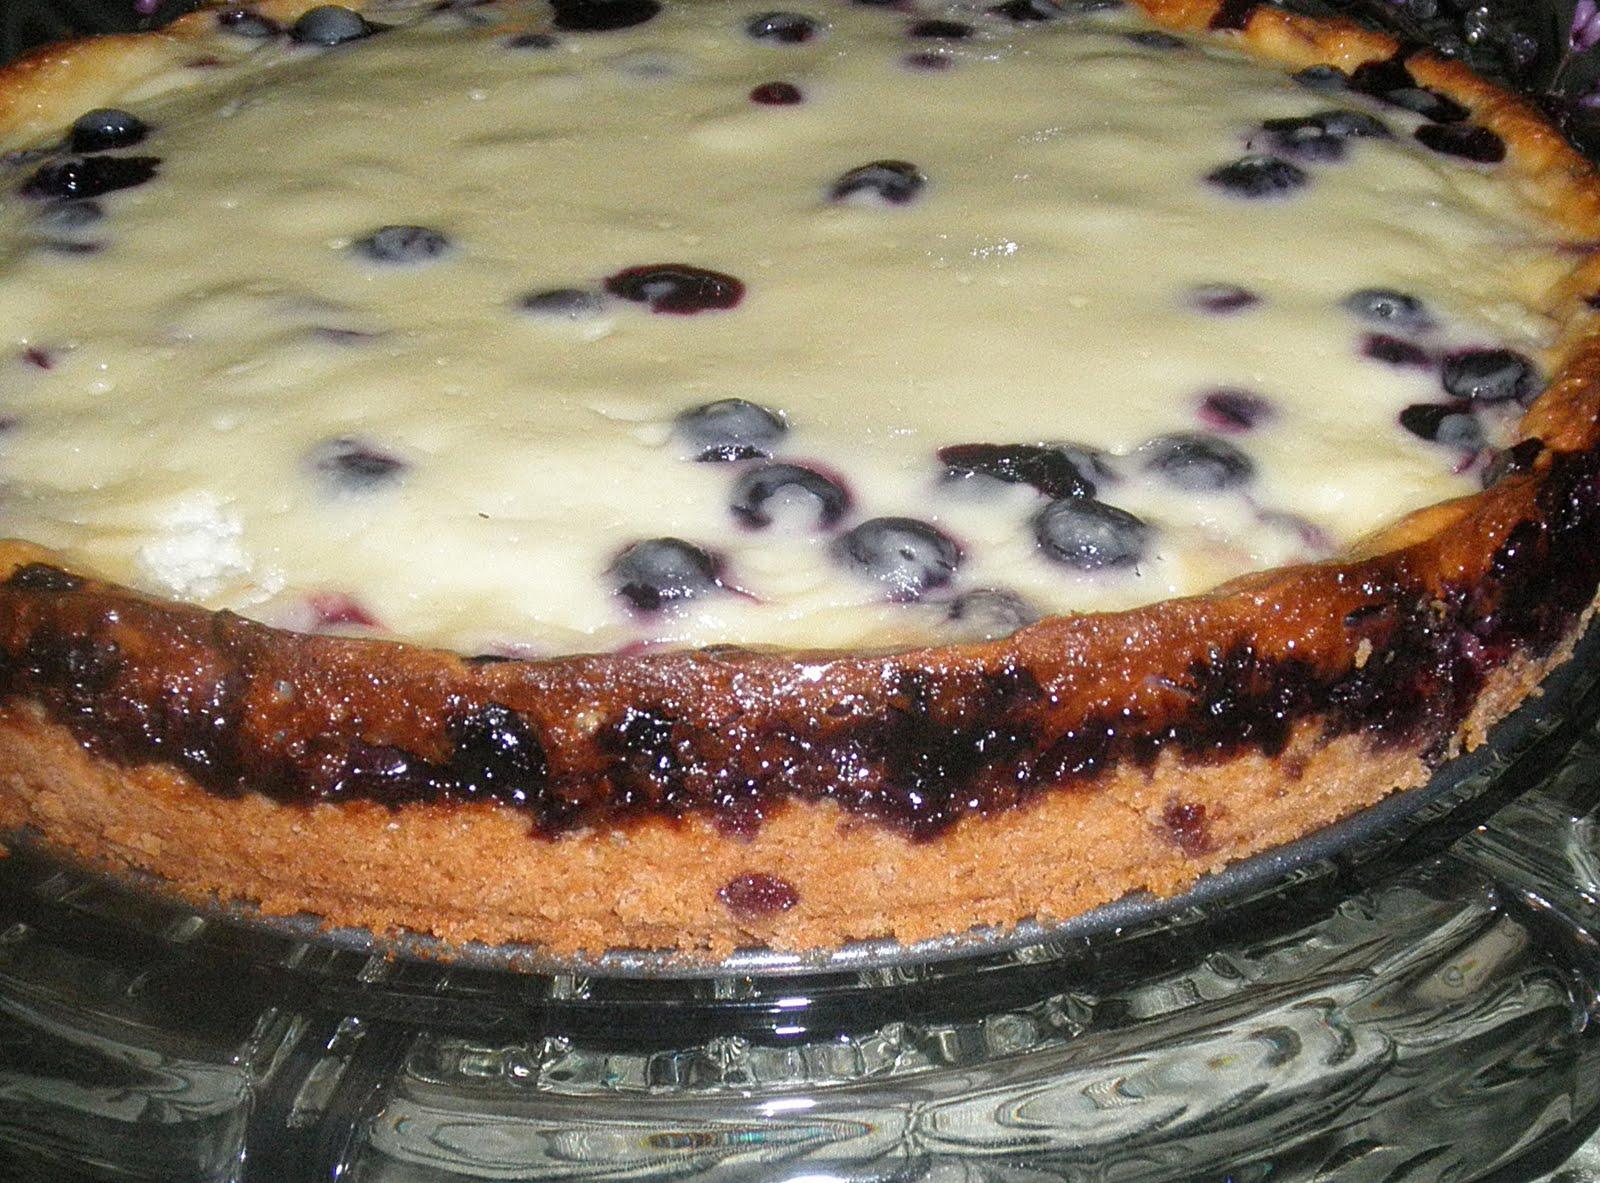 Concetta's Cafe: Nova Scotia Blueberry Cream Cake